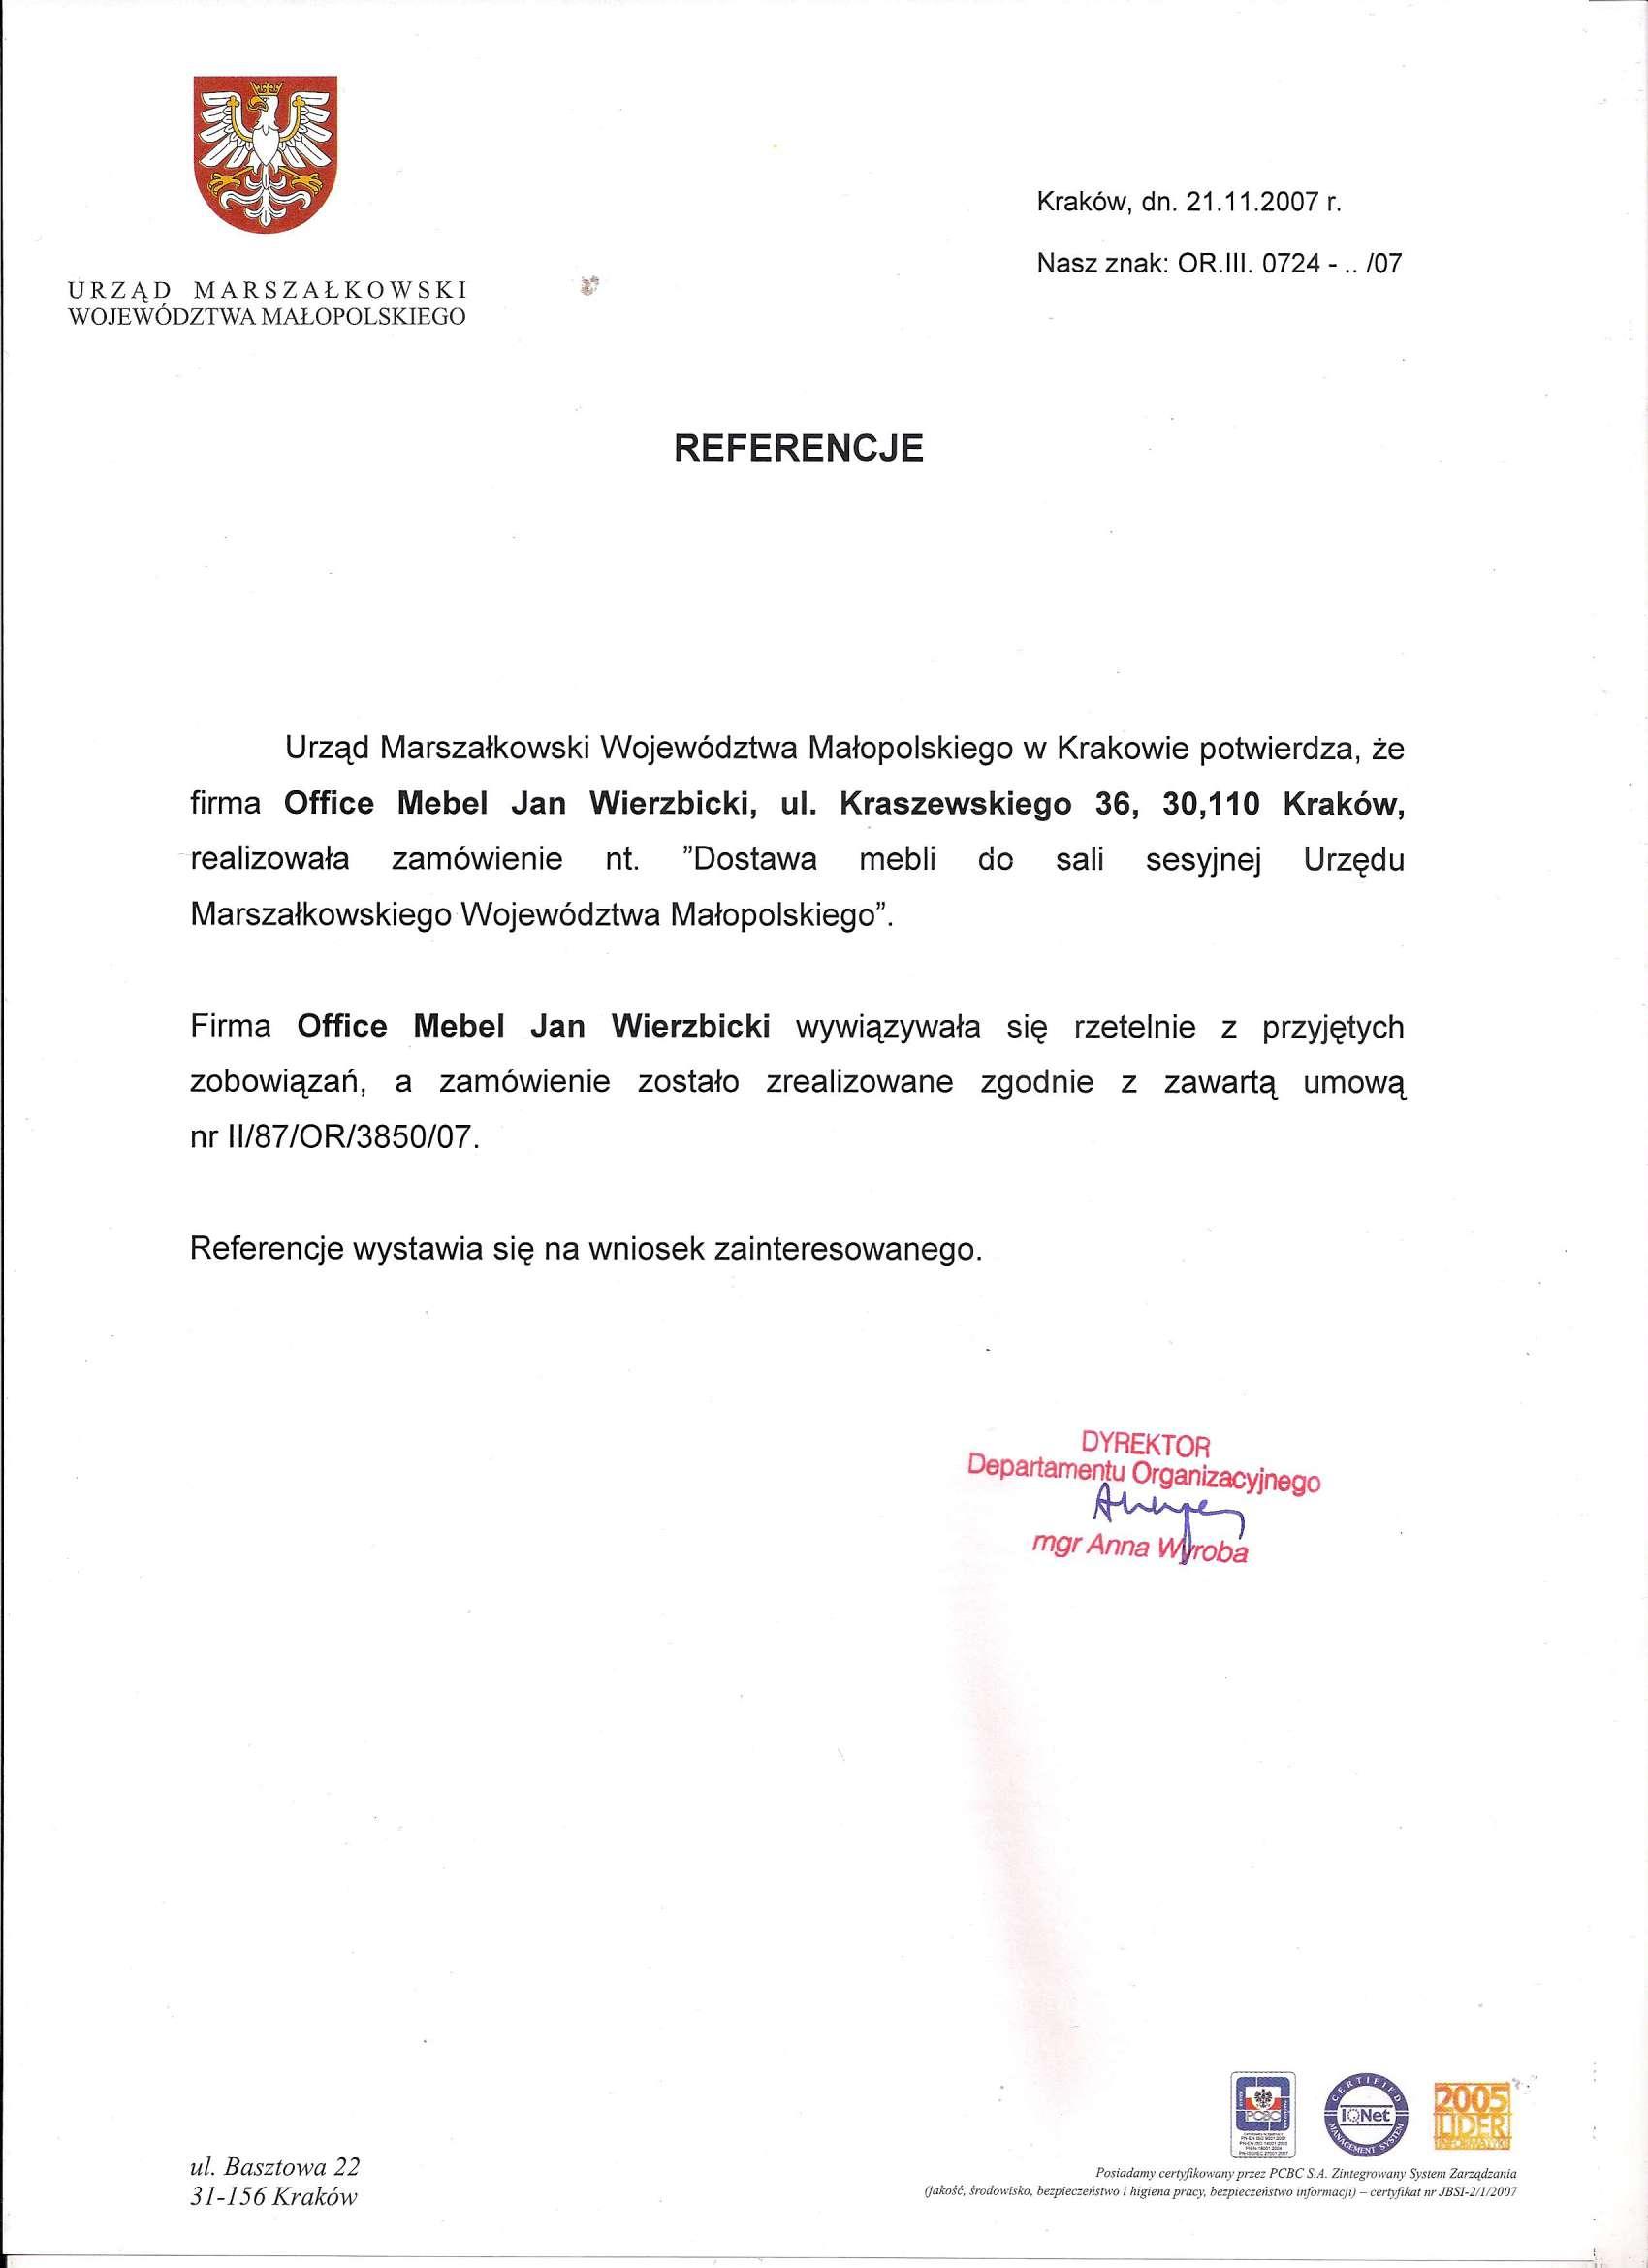 16 - URZĄD_MARSZAŁKOWSKI_WM